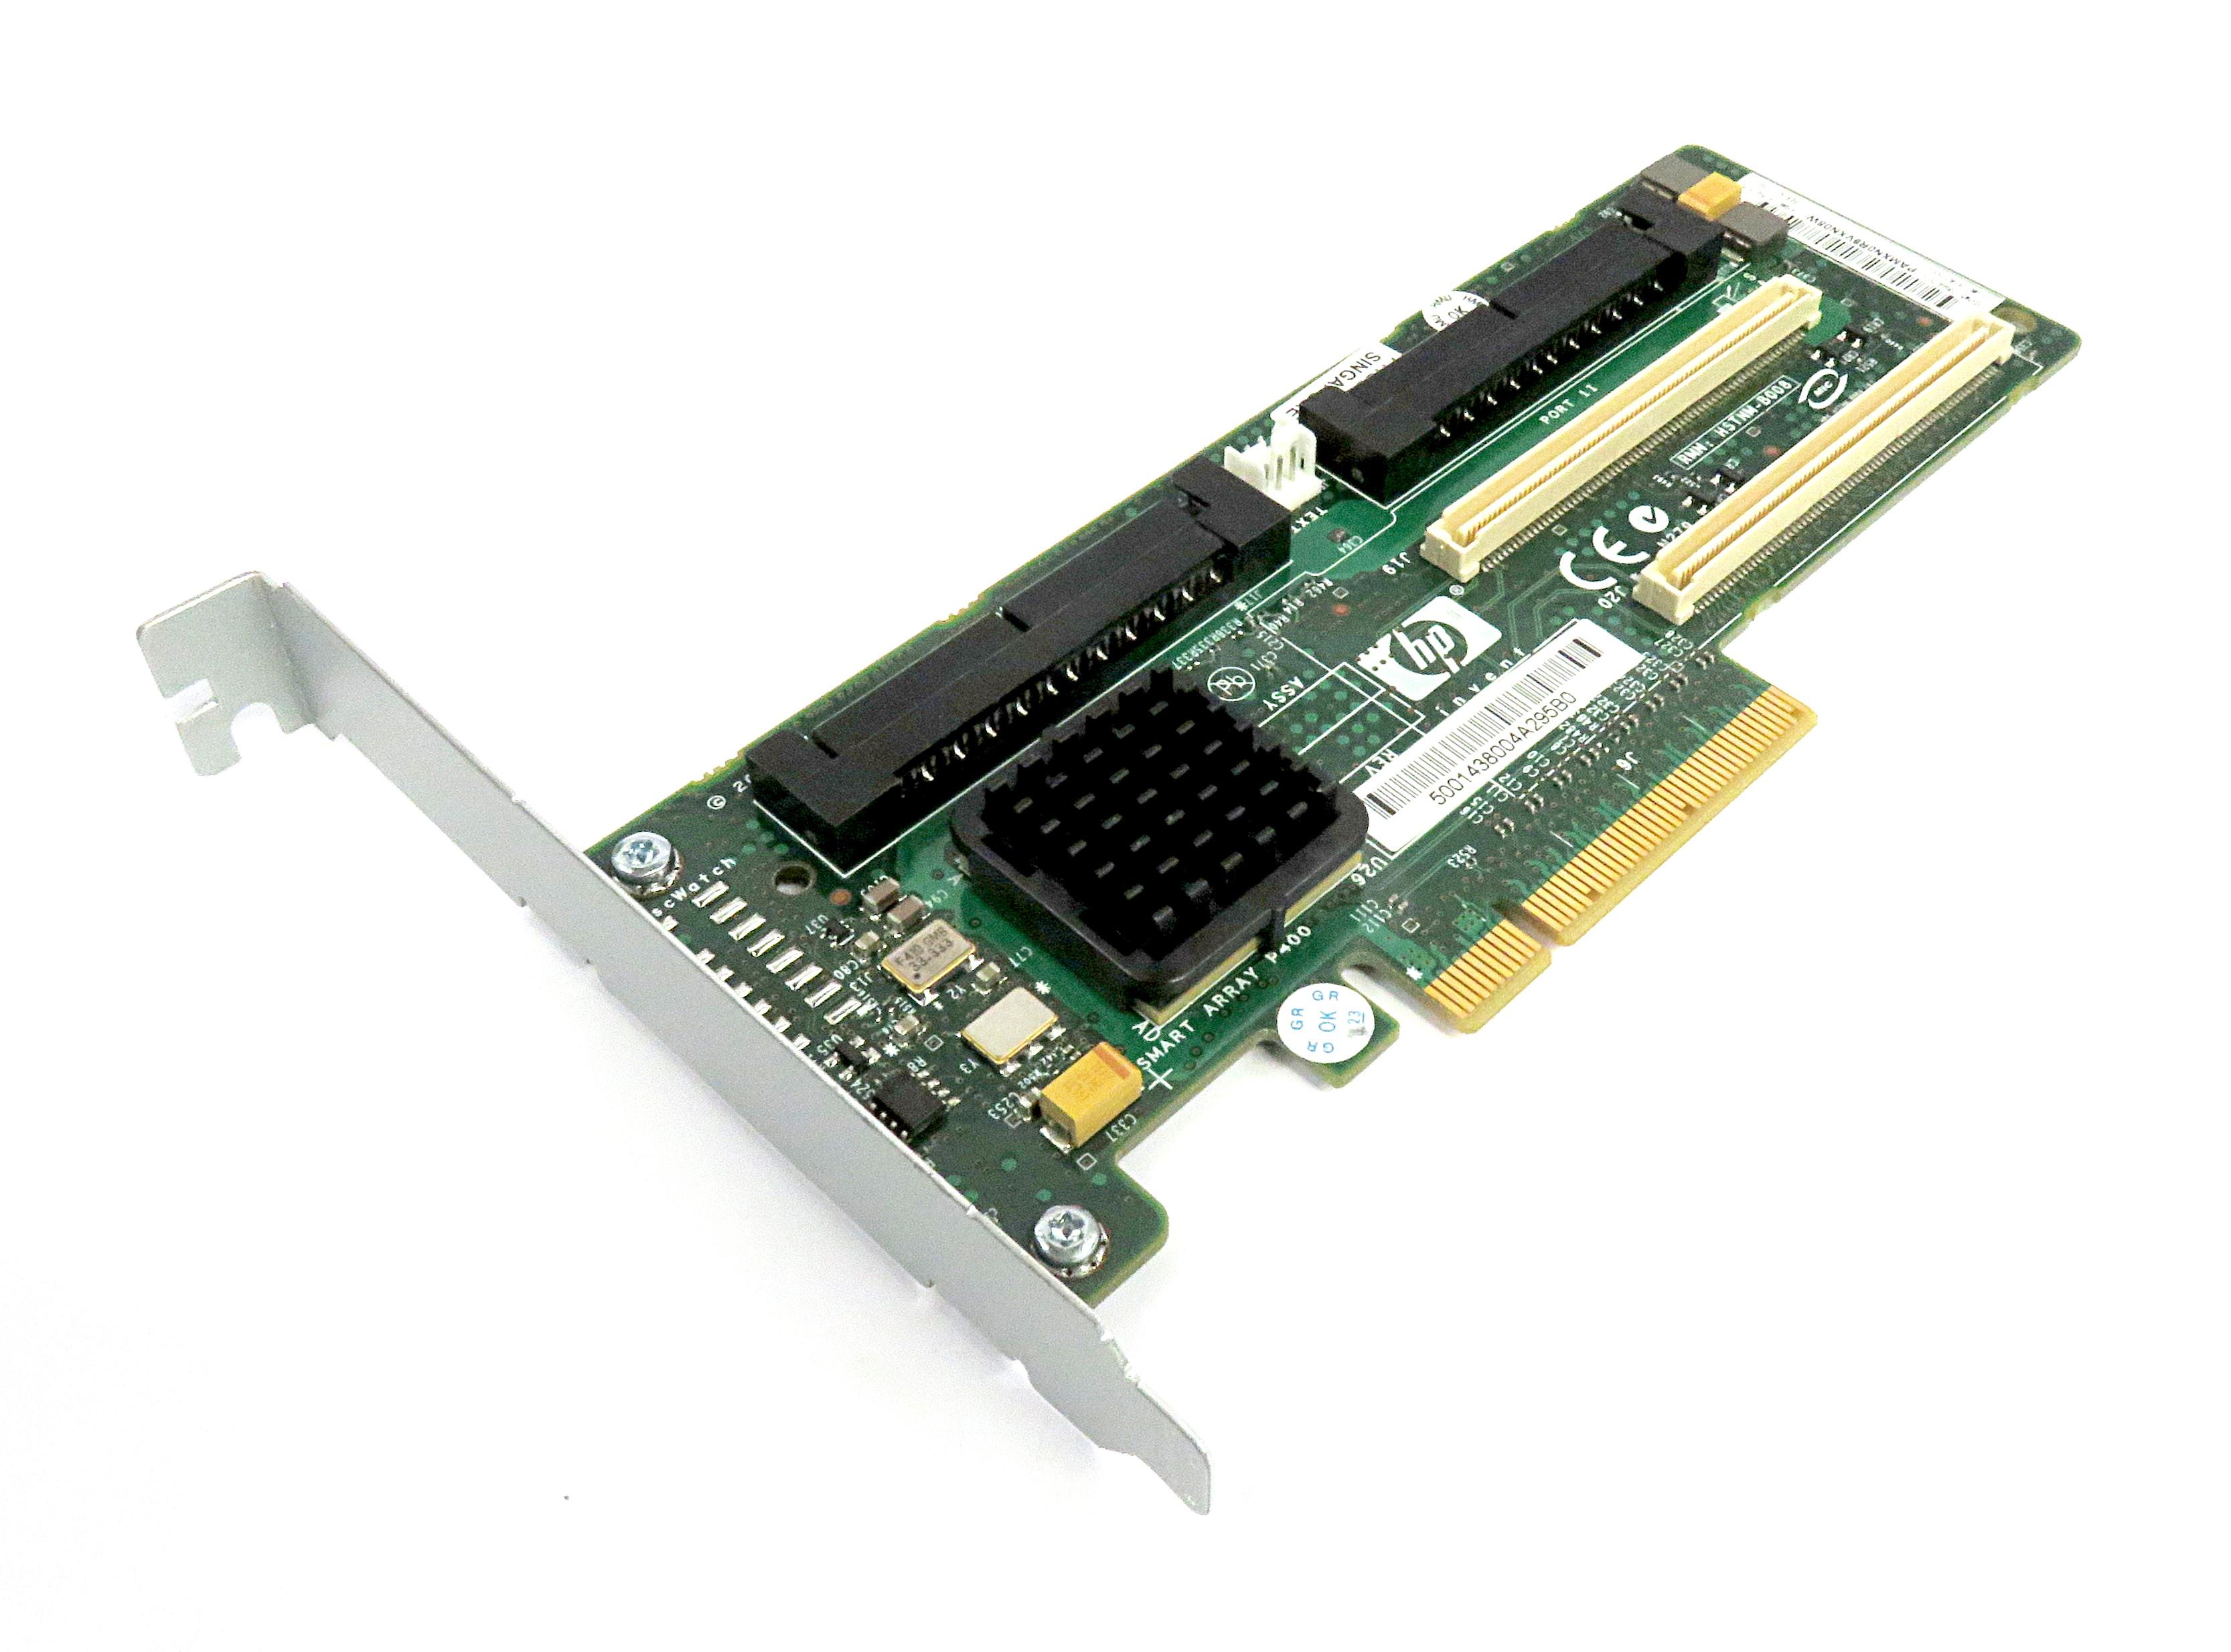 HP 507694-001 PCIe SAS Raid Controller Card 013159-005 Bare Card